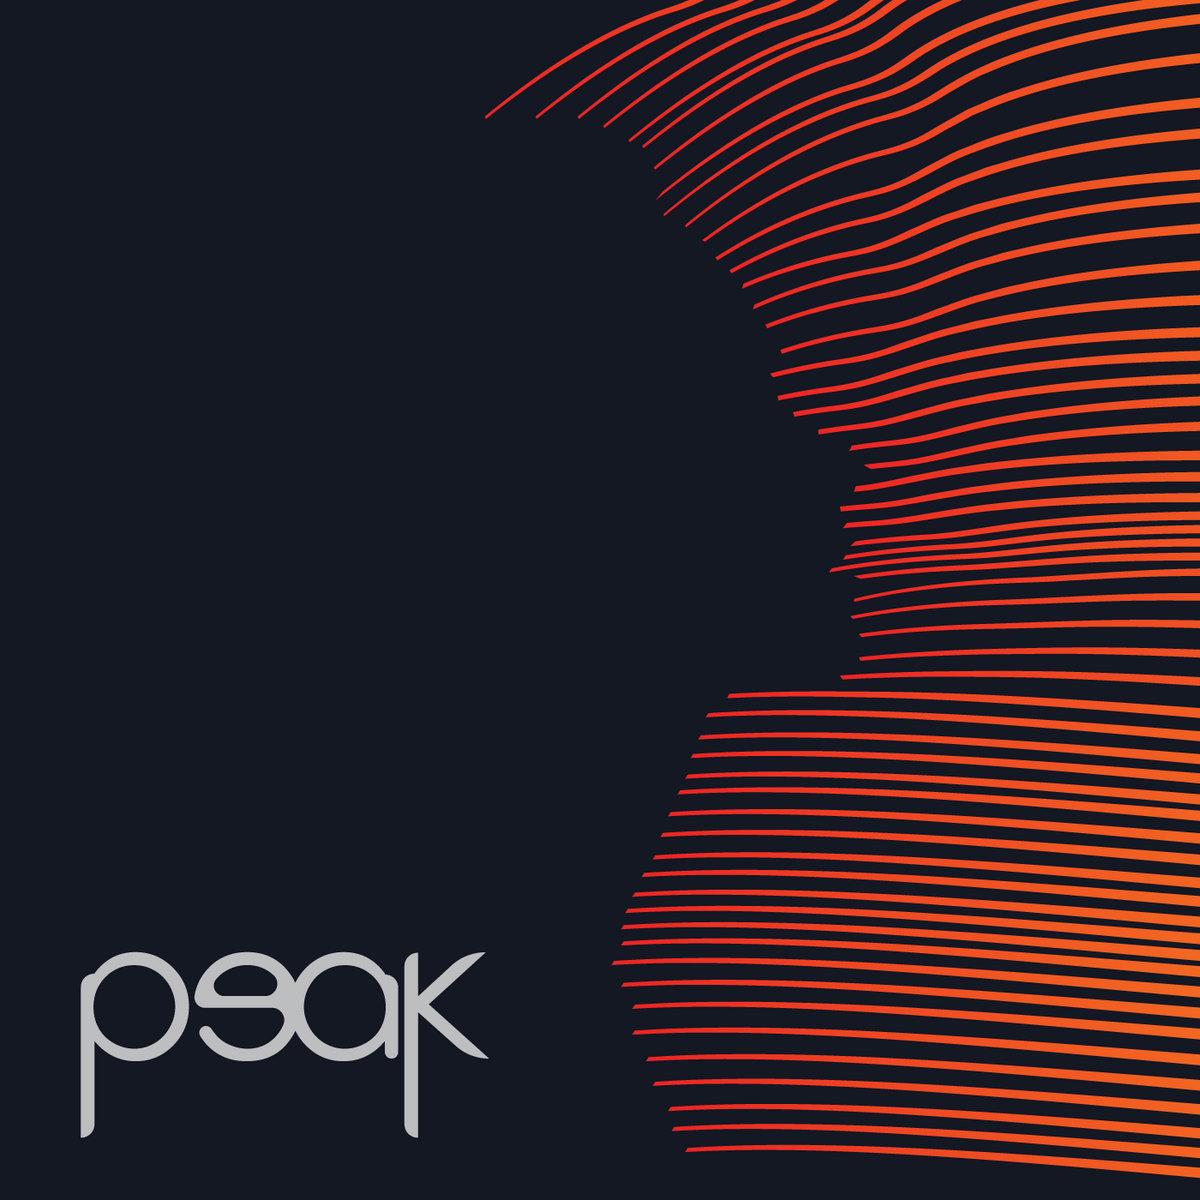 PEAK - Wave cover